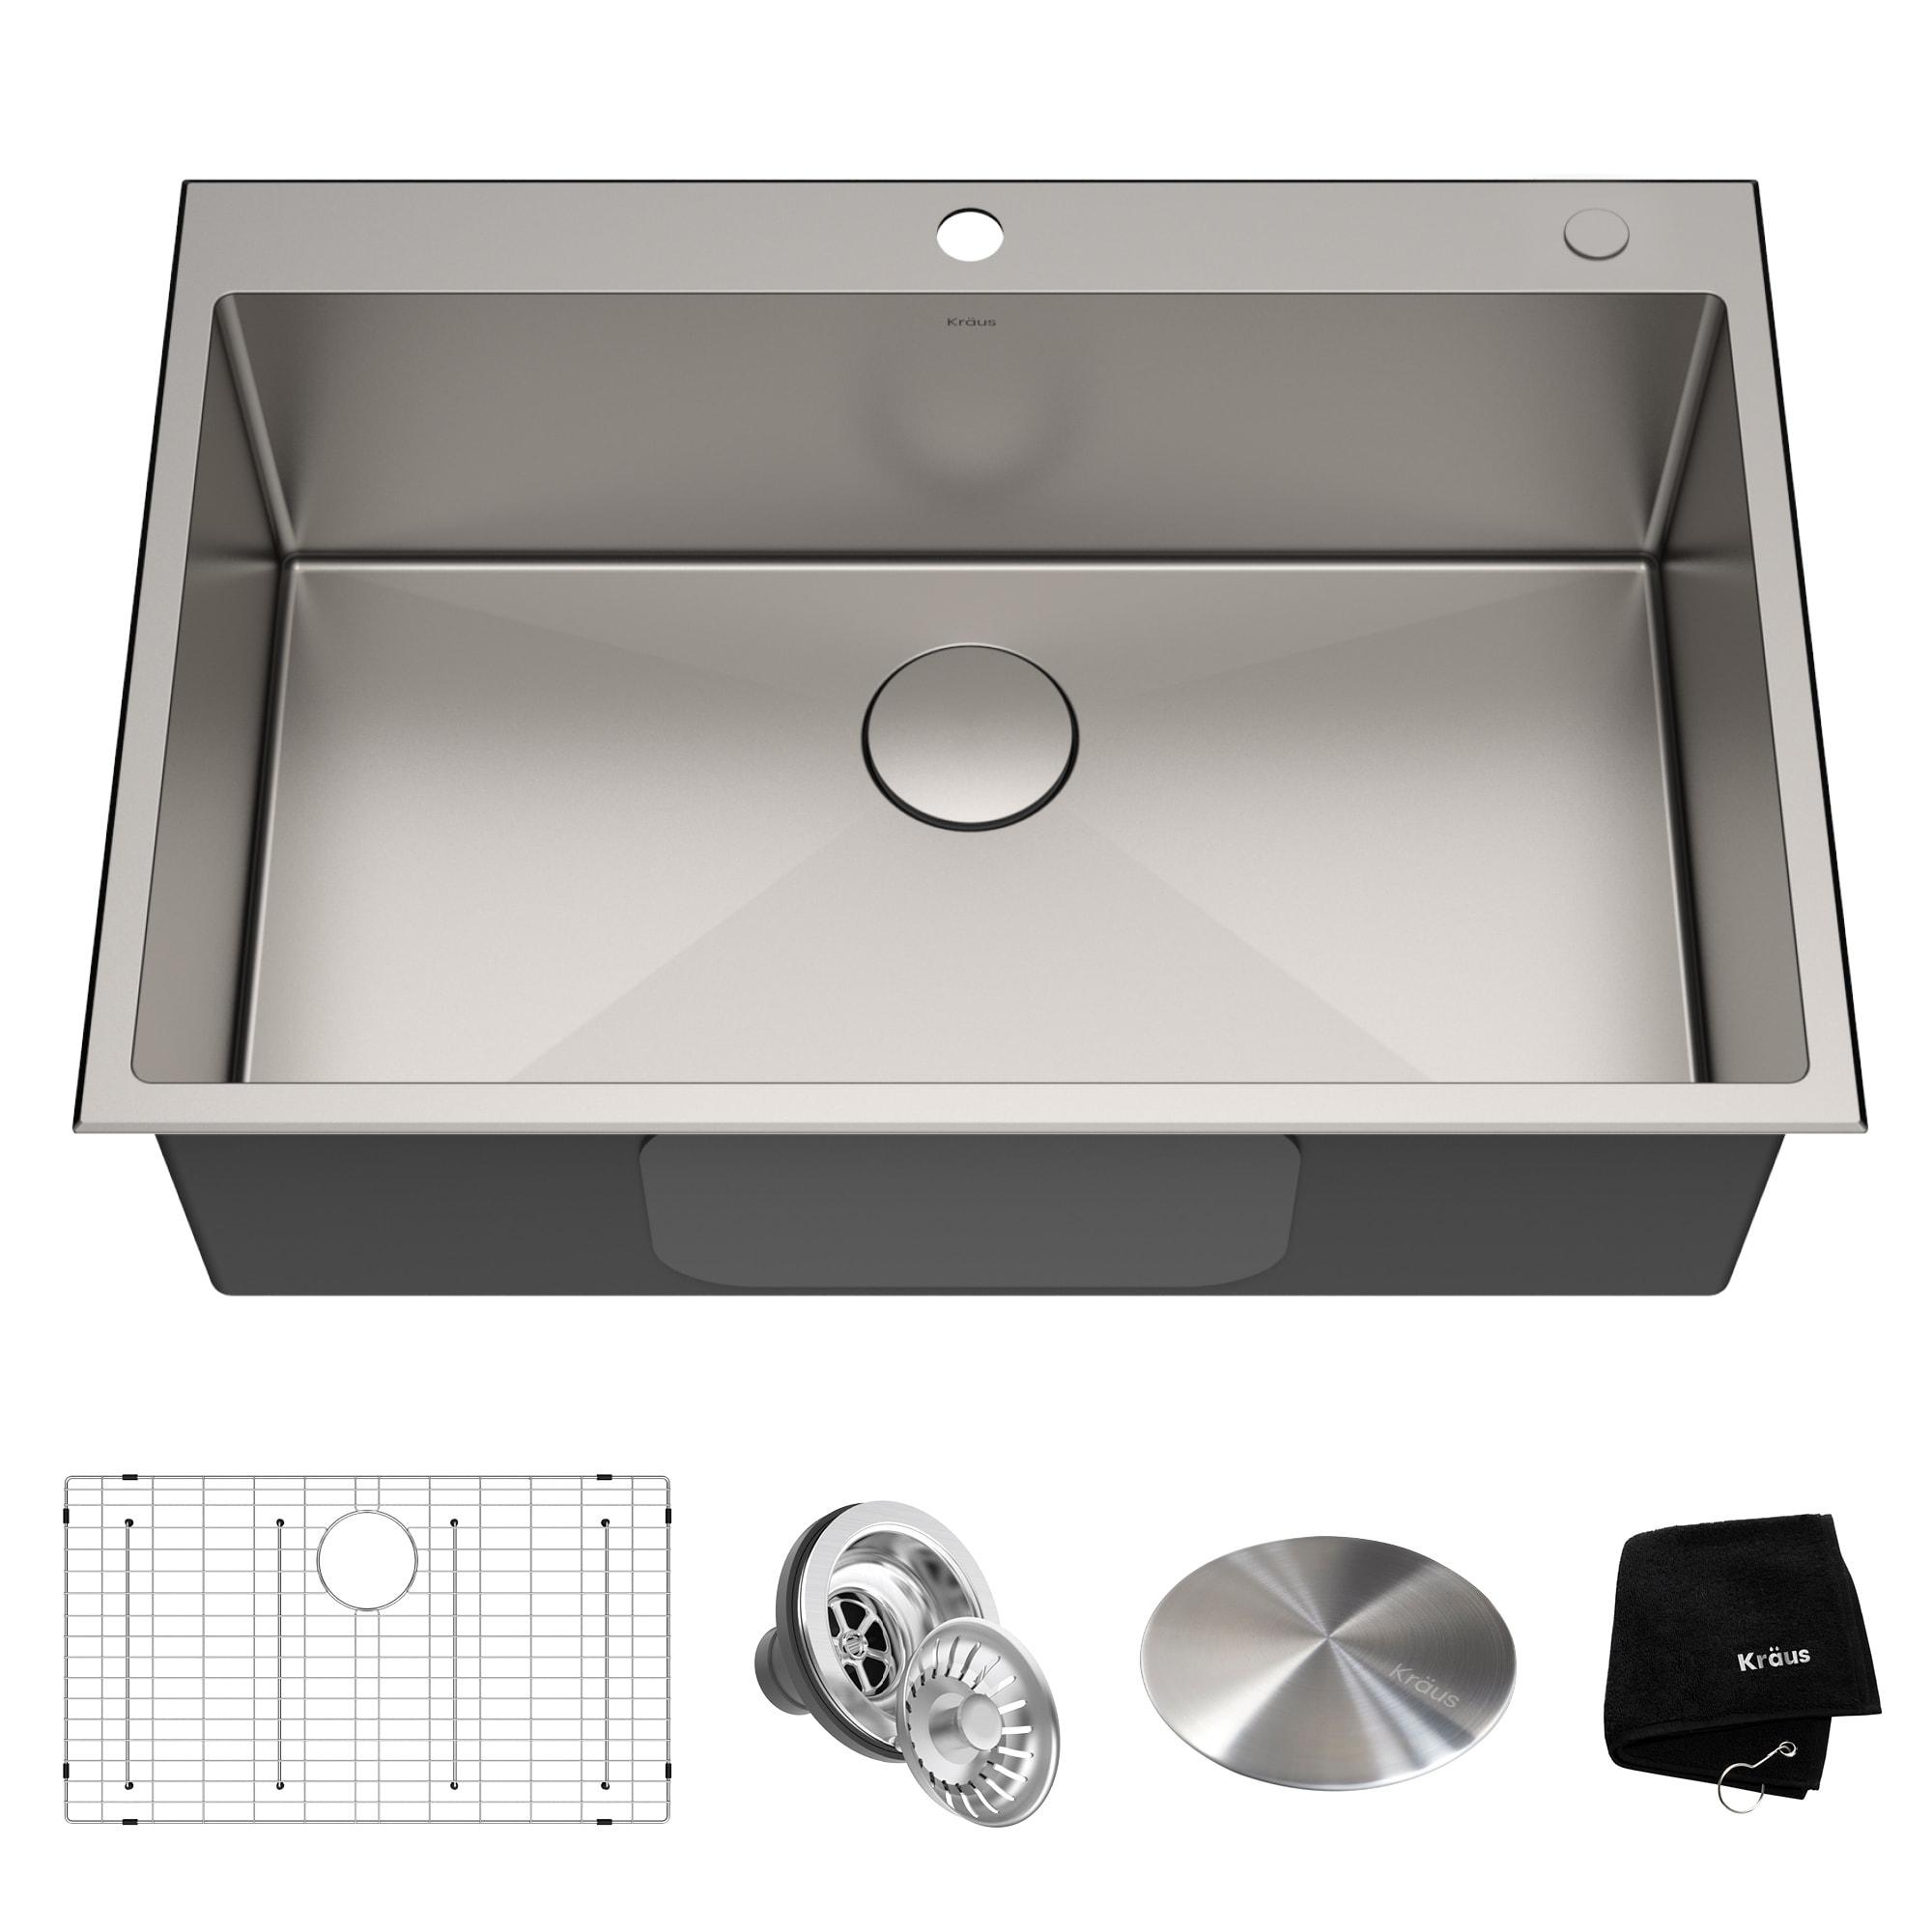 Exceptionnel KRAUS KHT300 33 Drop In Topmount 33 In. 16G 1 Bowl Satin Stainless Steel  Kitchen Sink, 2H, Grid, Strainer, Cap, Towel